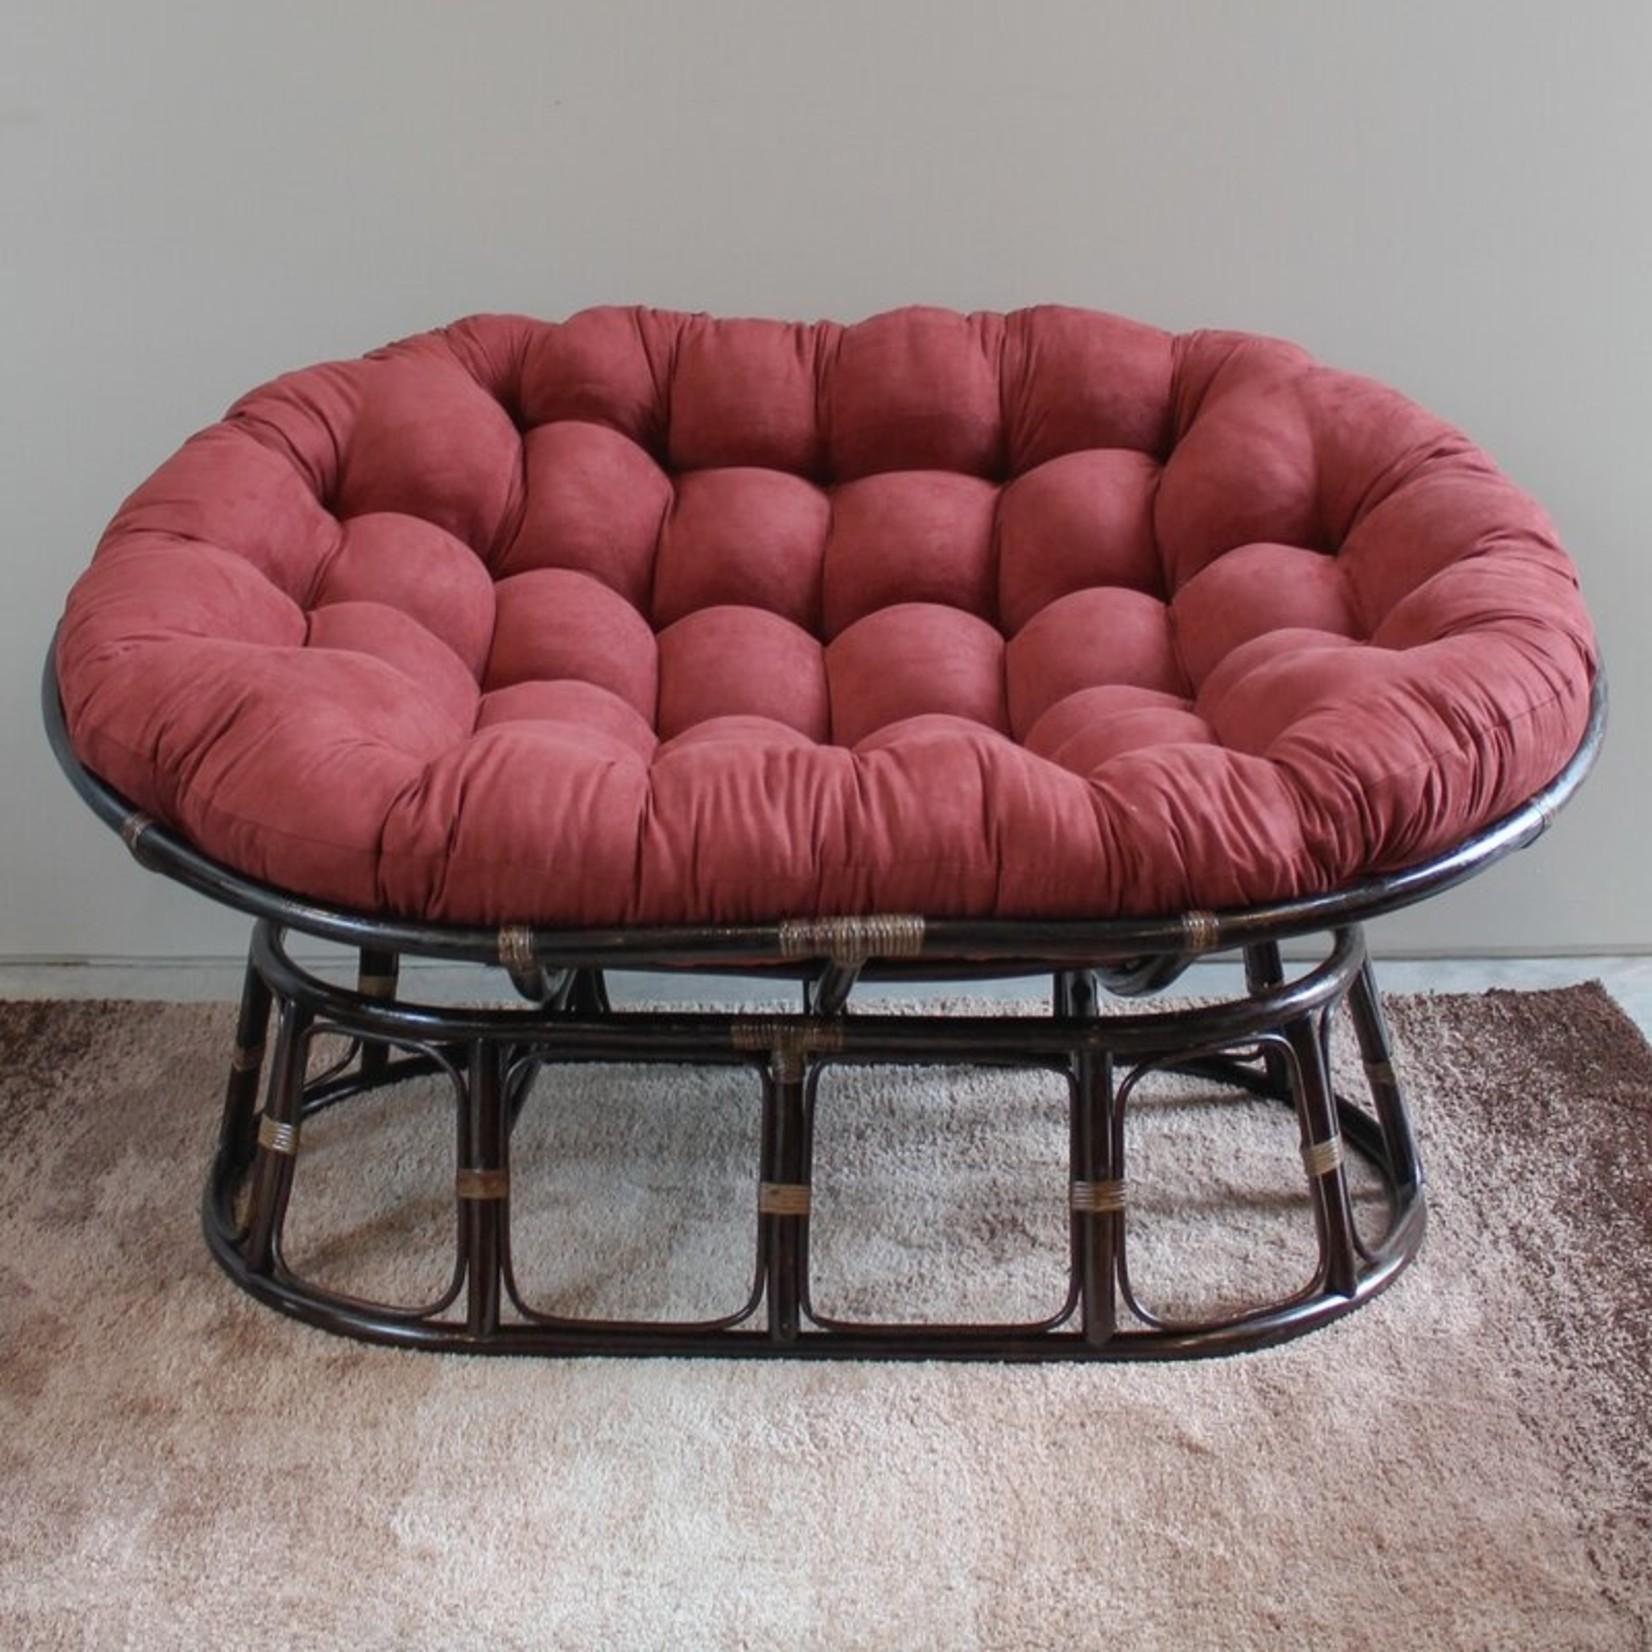 *Papasan Premium Indoor Lounge Chair Cushion - CUSHION ONLY